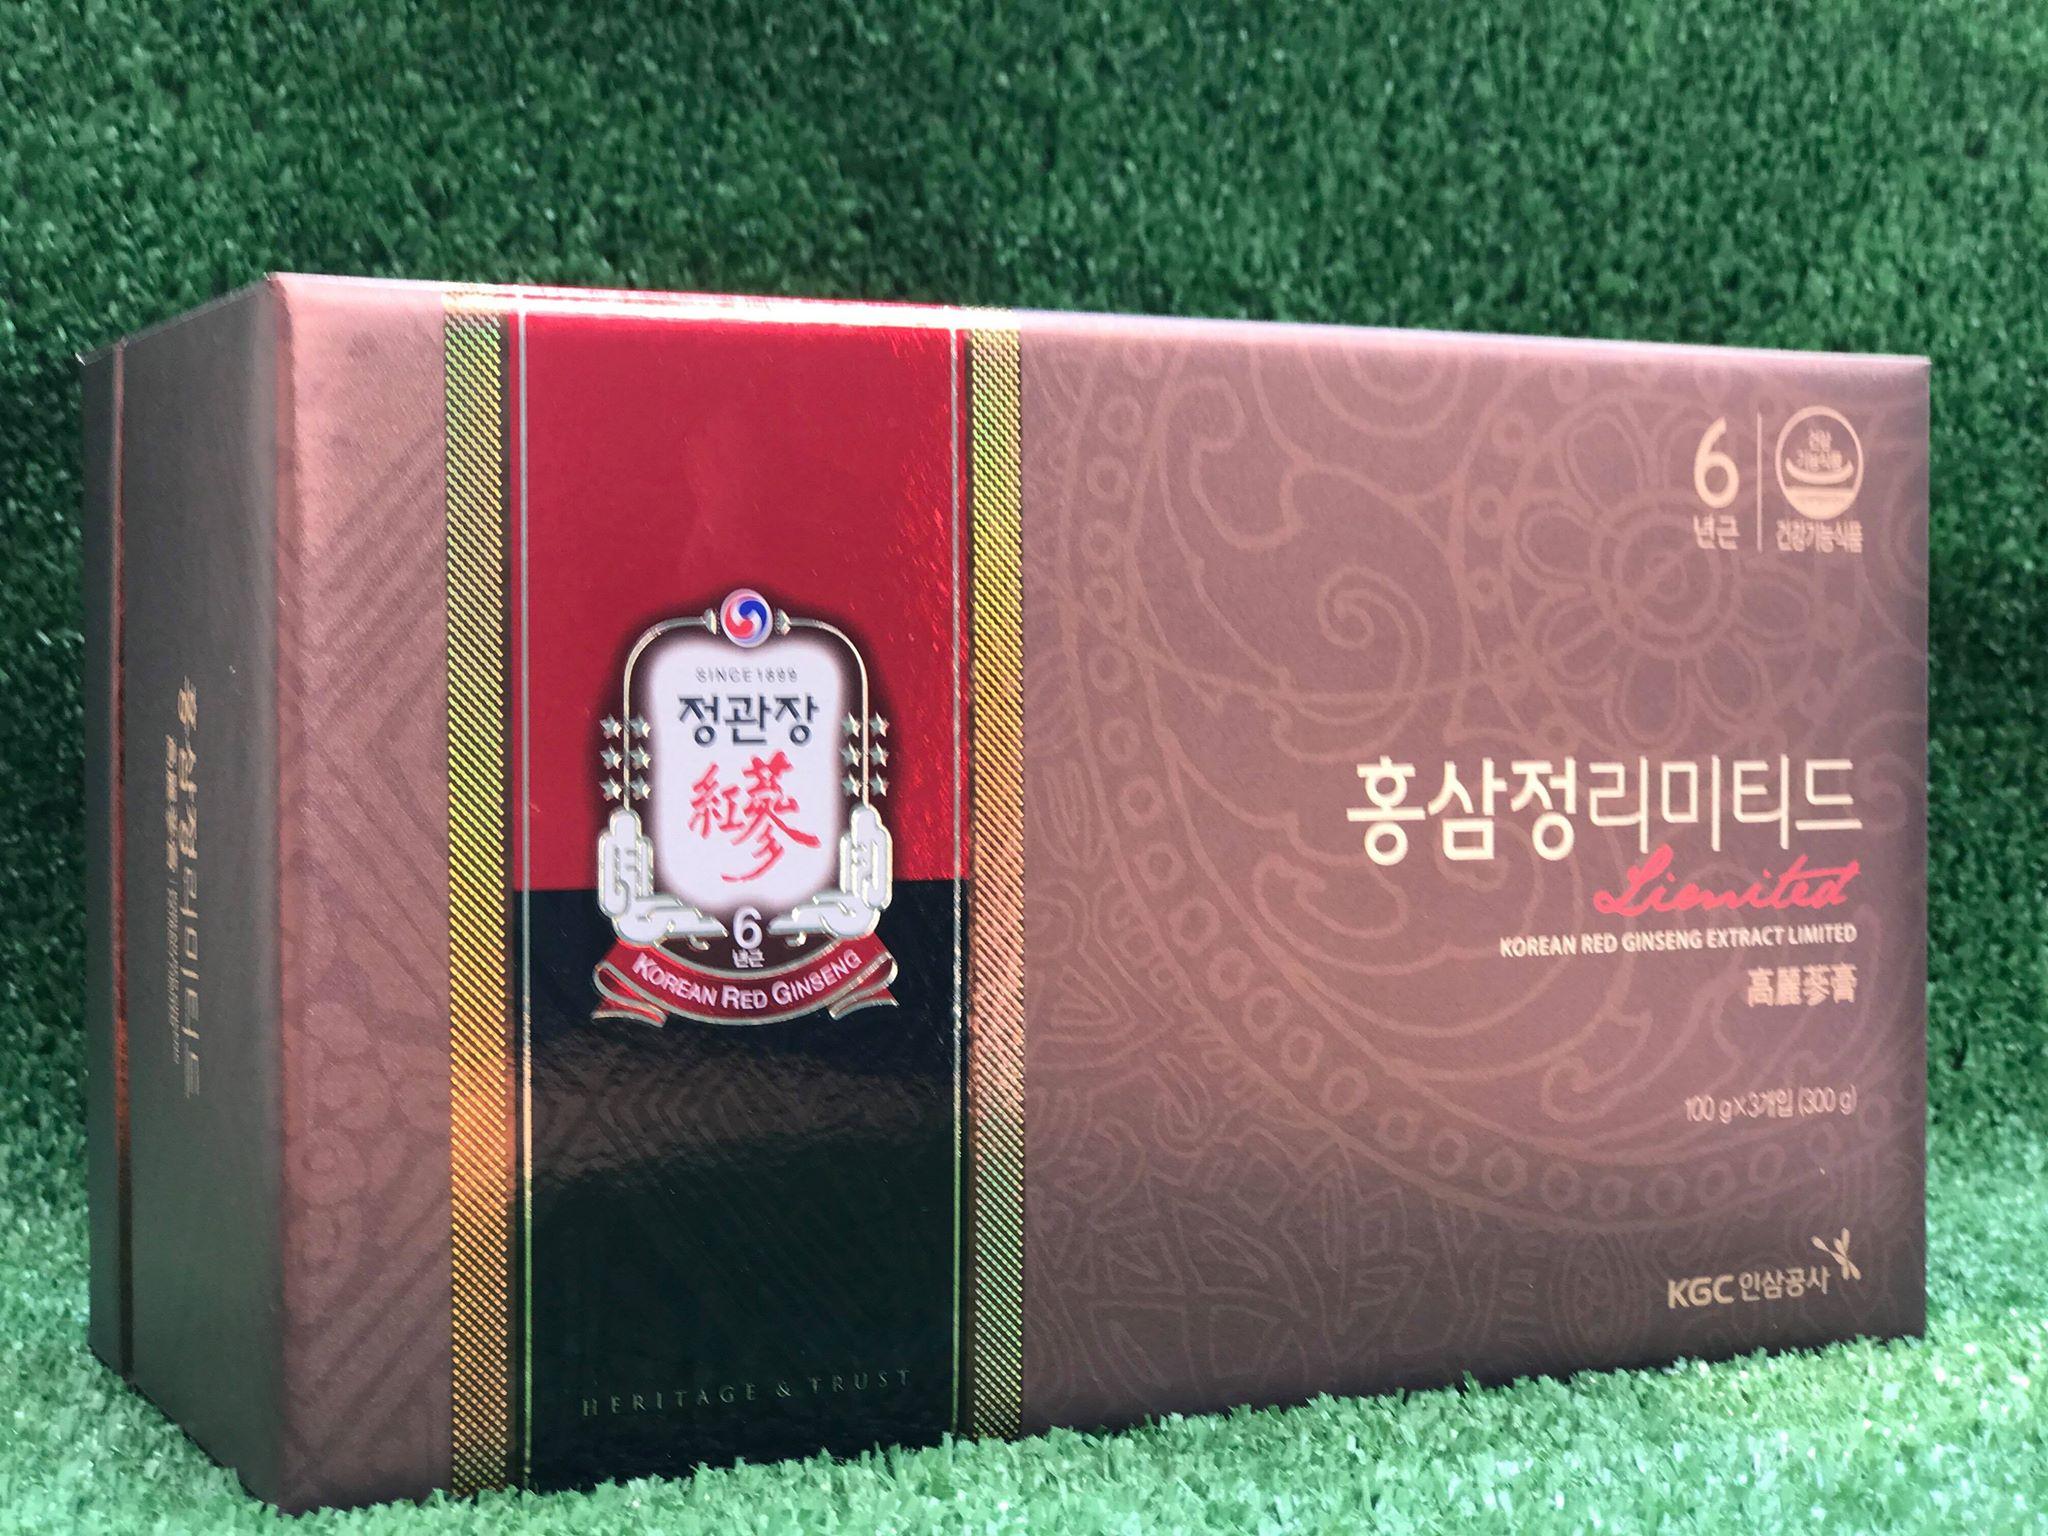 Cao địa sâm Cheong Kwang KGC Hàn Quốc - Sản phẩm tốt nhất hiện nay